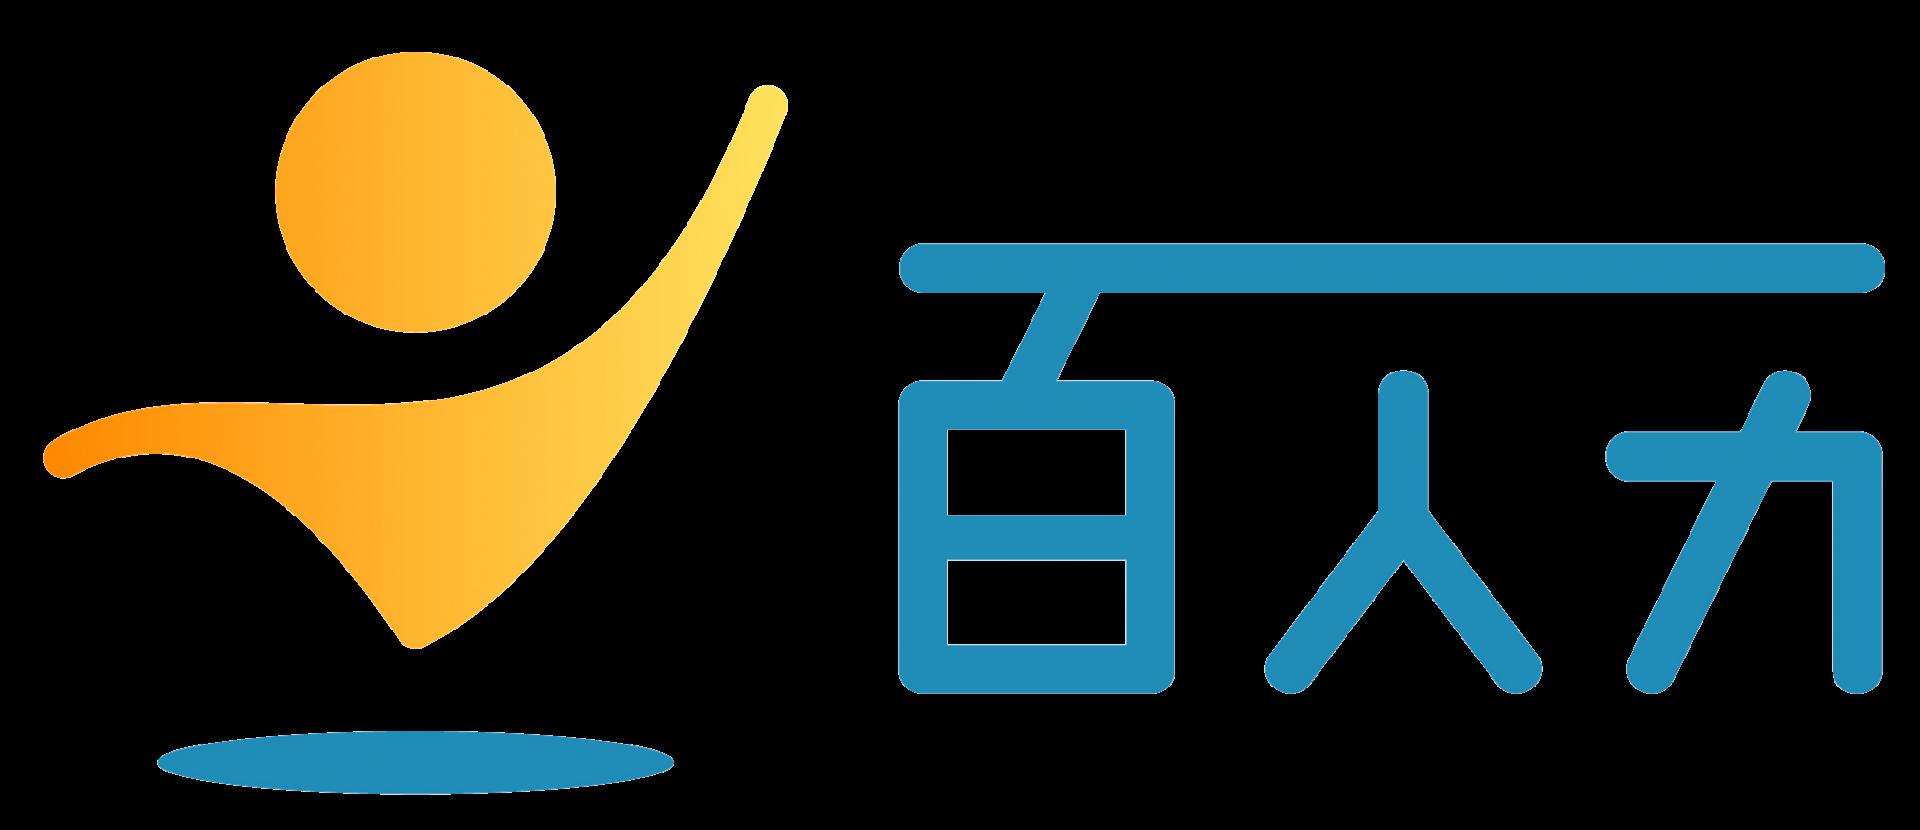 百人力株式会社